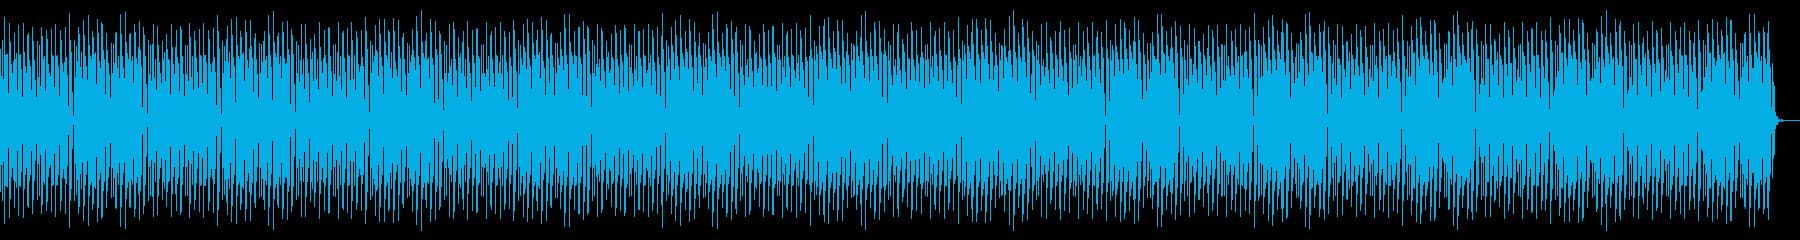 ミニマルライフ2_プログラミング・IT系の再生済みの波形